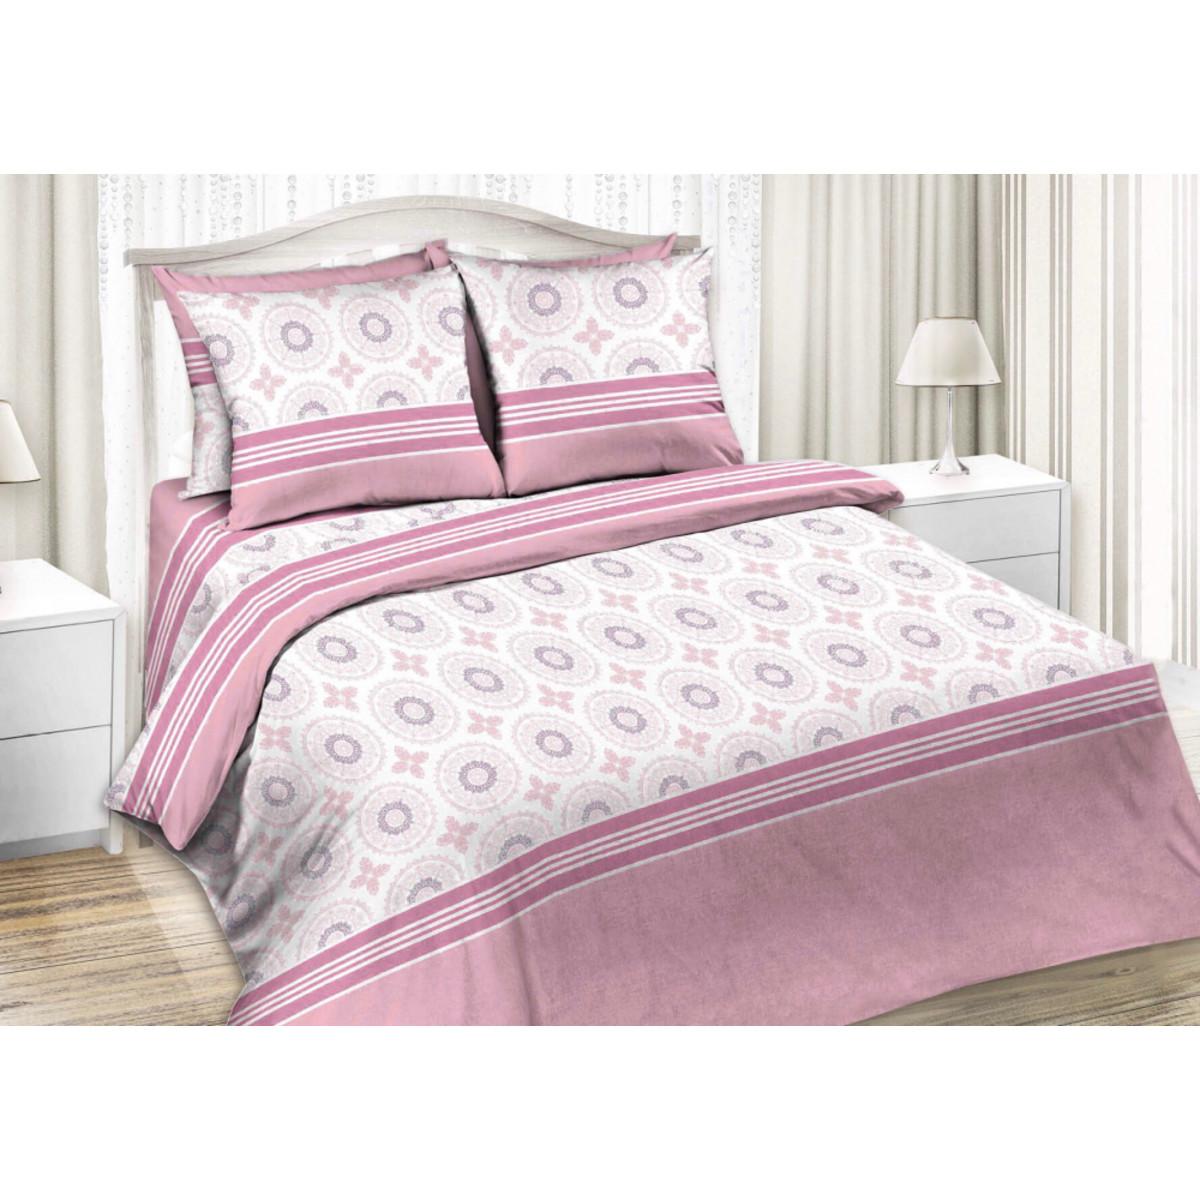 Комлплект постельного белья двуспальный «Глория» бязь 70x70 см